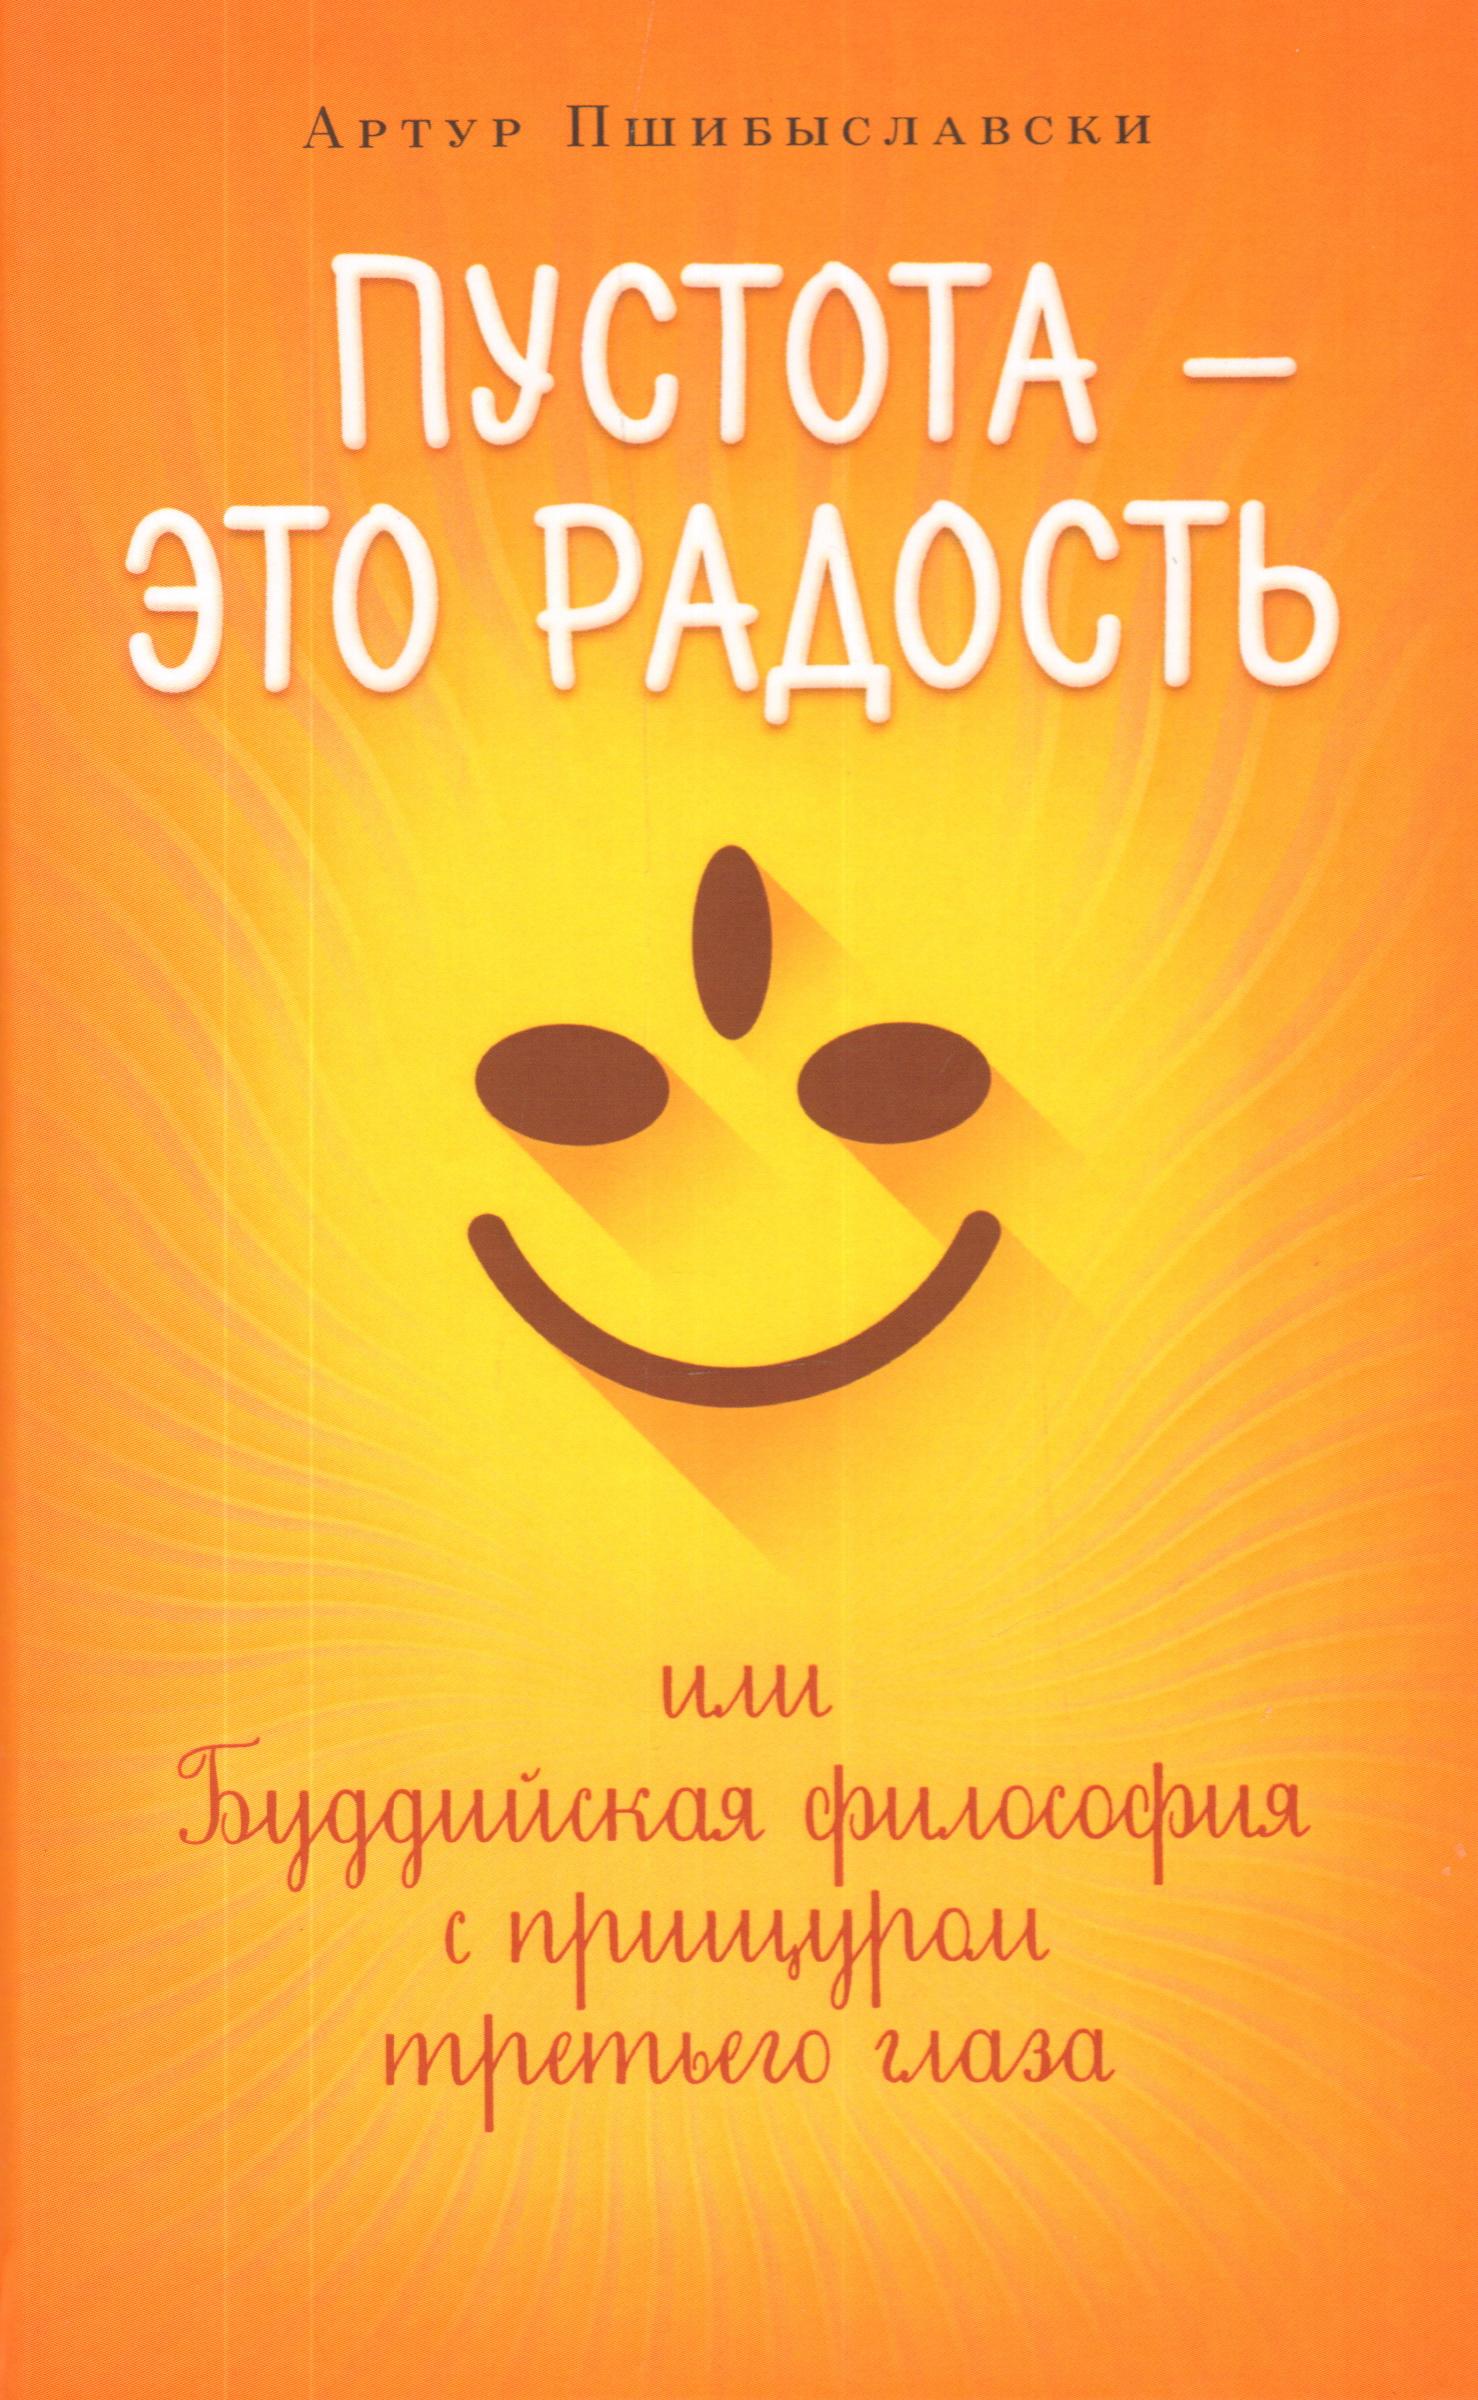 Пшибыславски А. Пустота - это радость, или Буддийская философия с прищуром третьего глаза